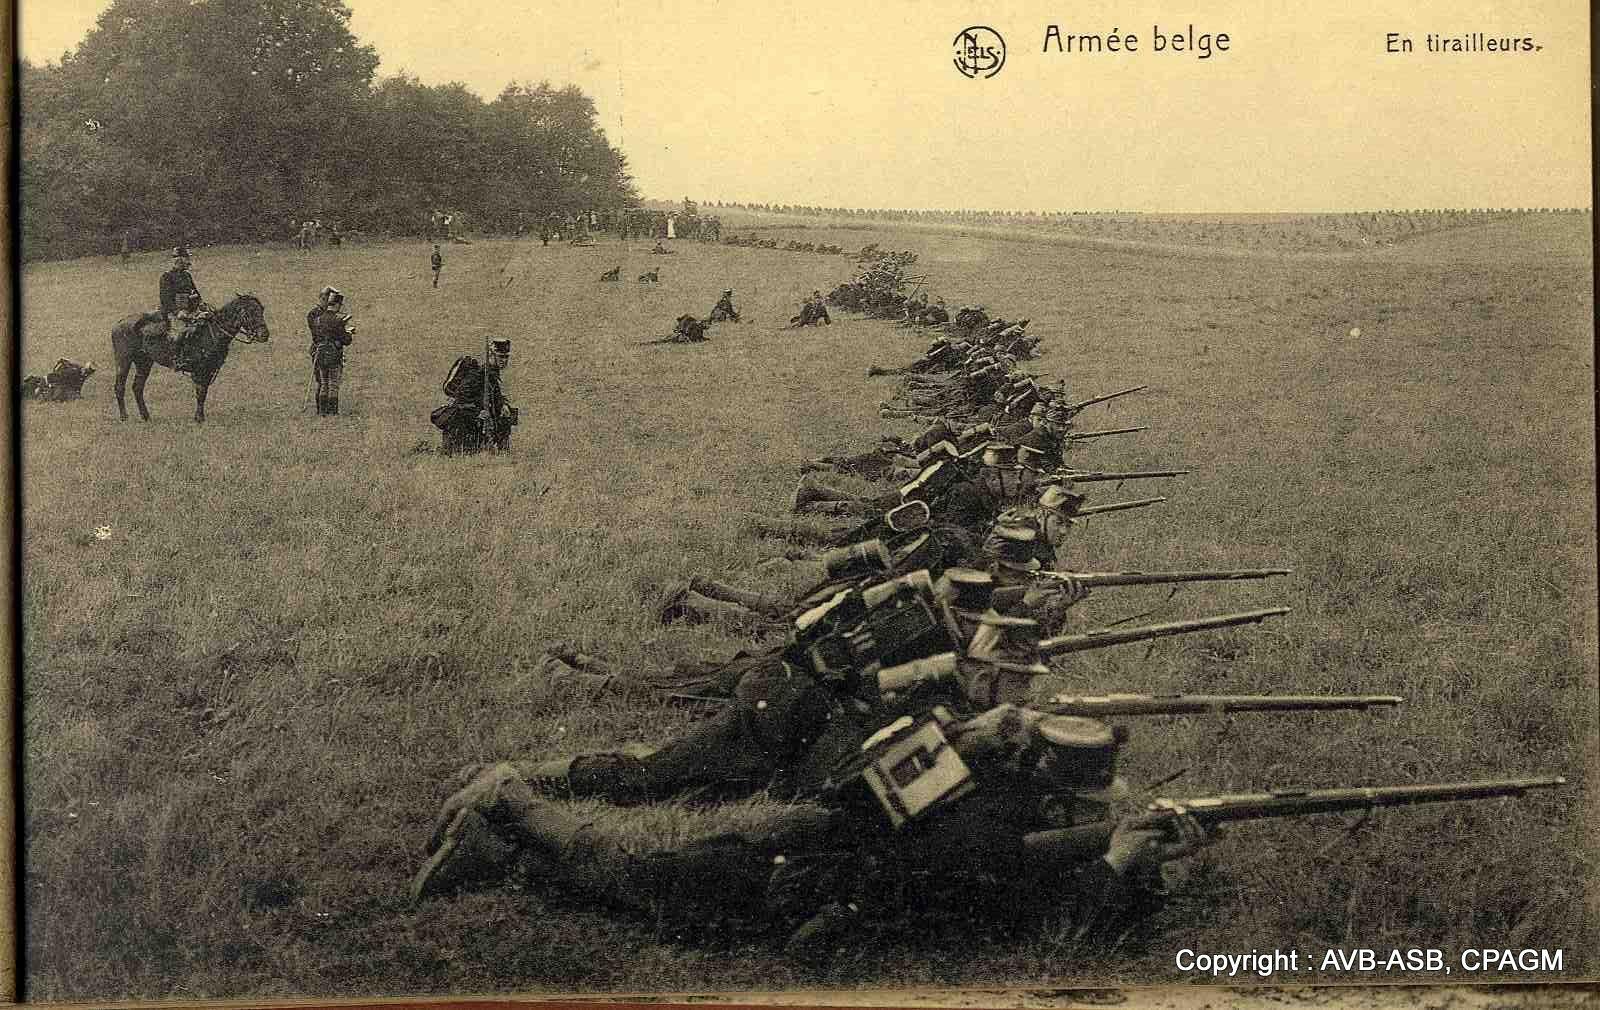 CP-Armee-belge-004.jpg